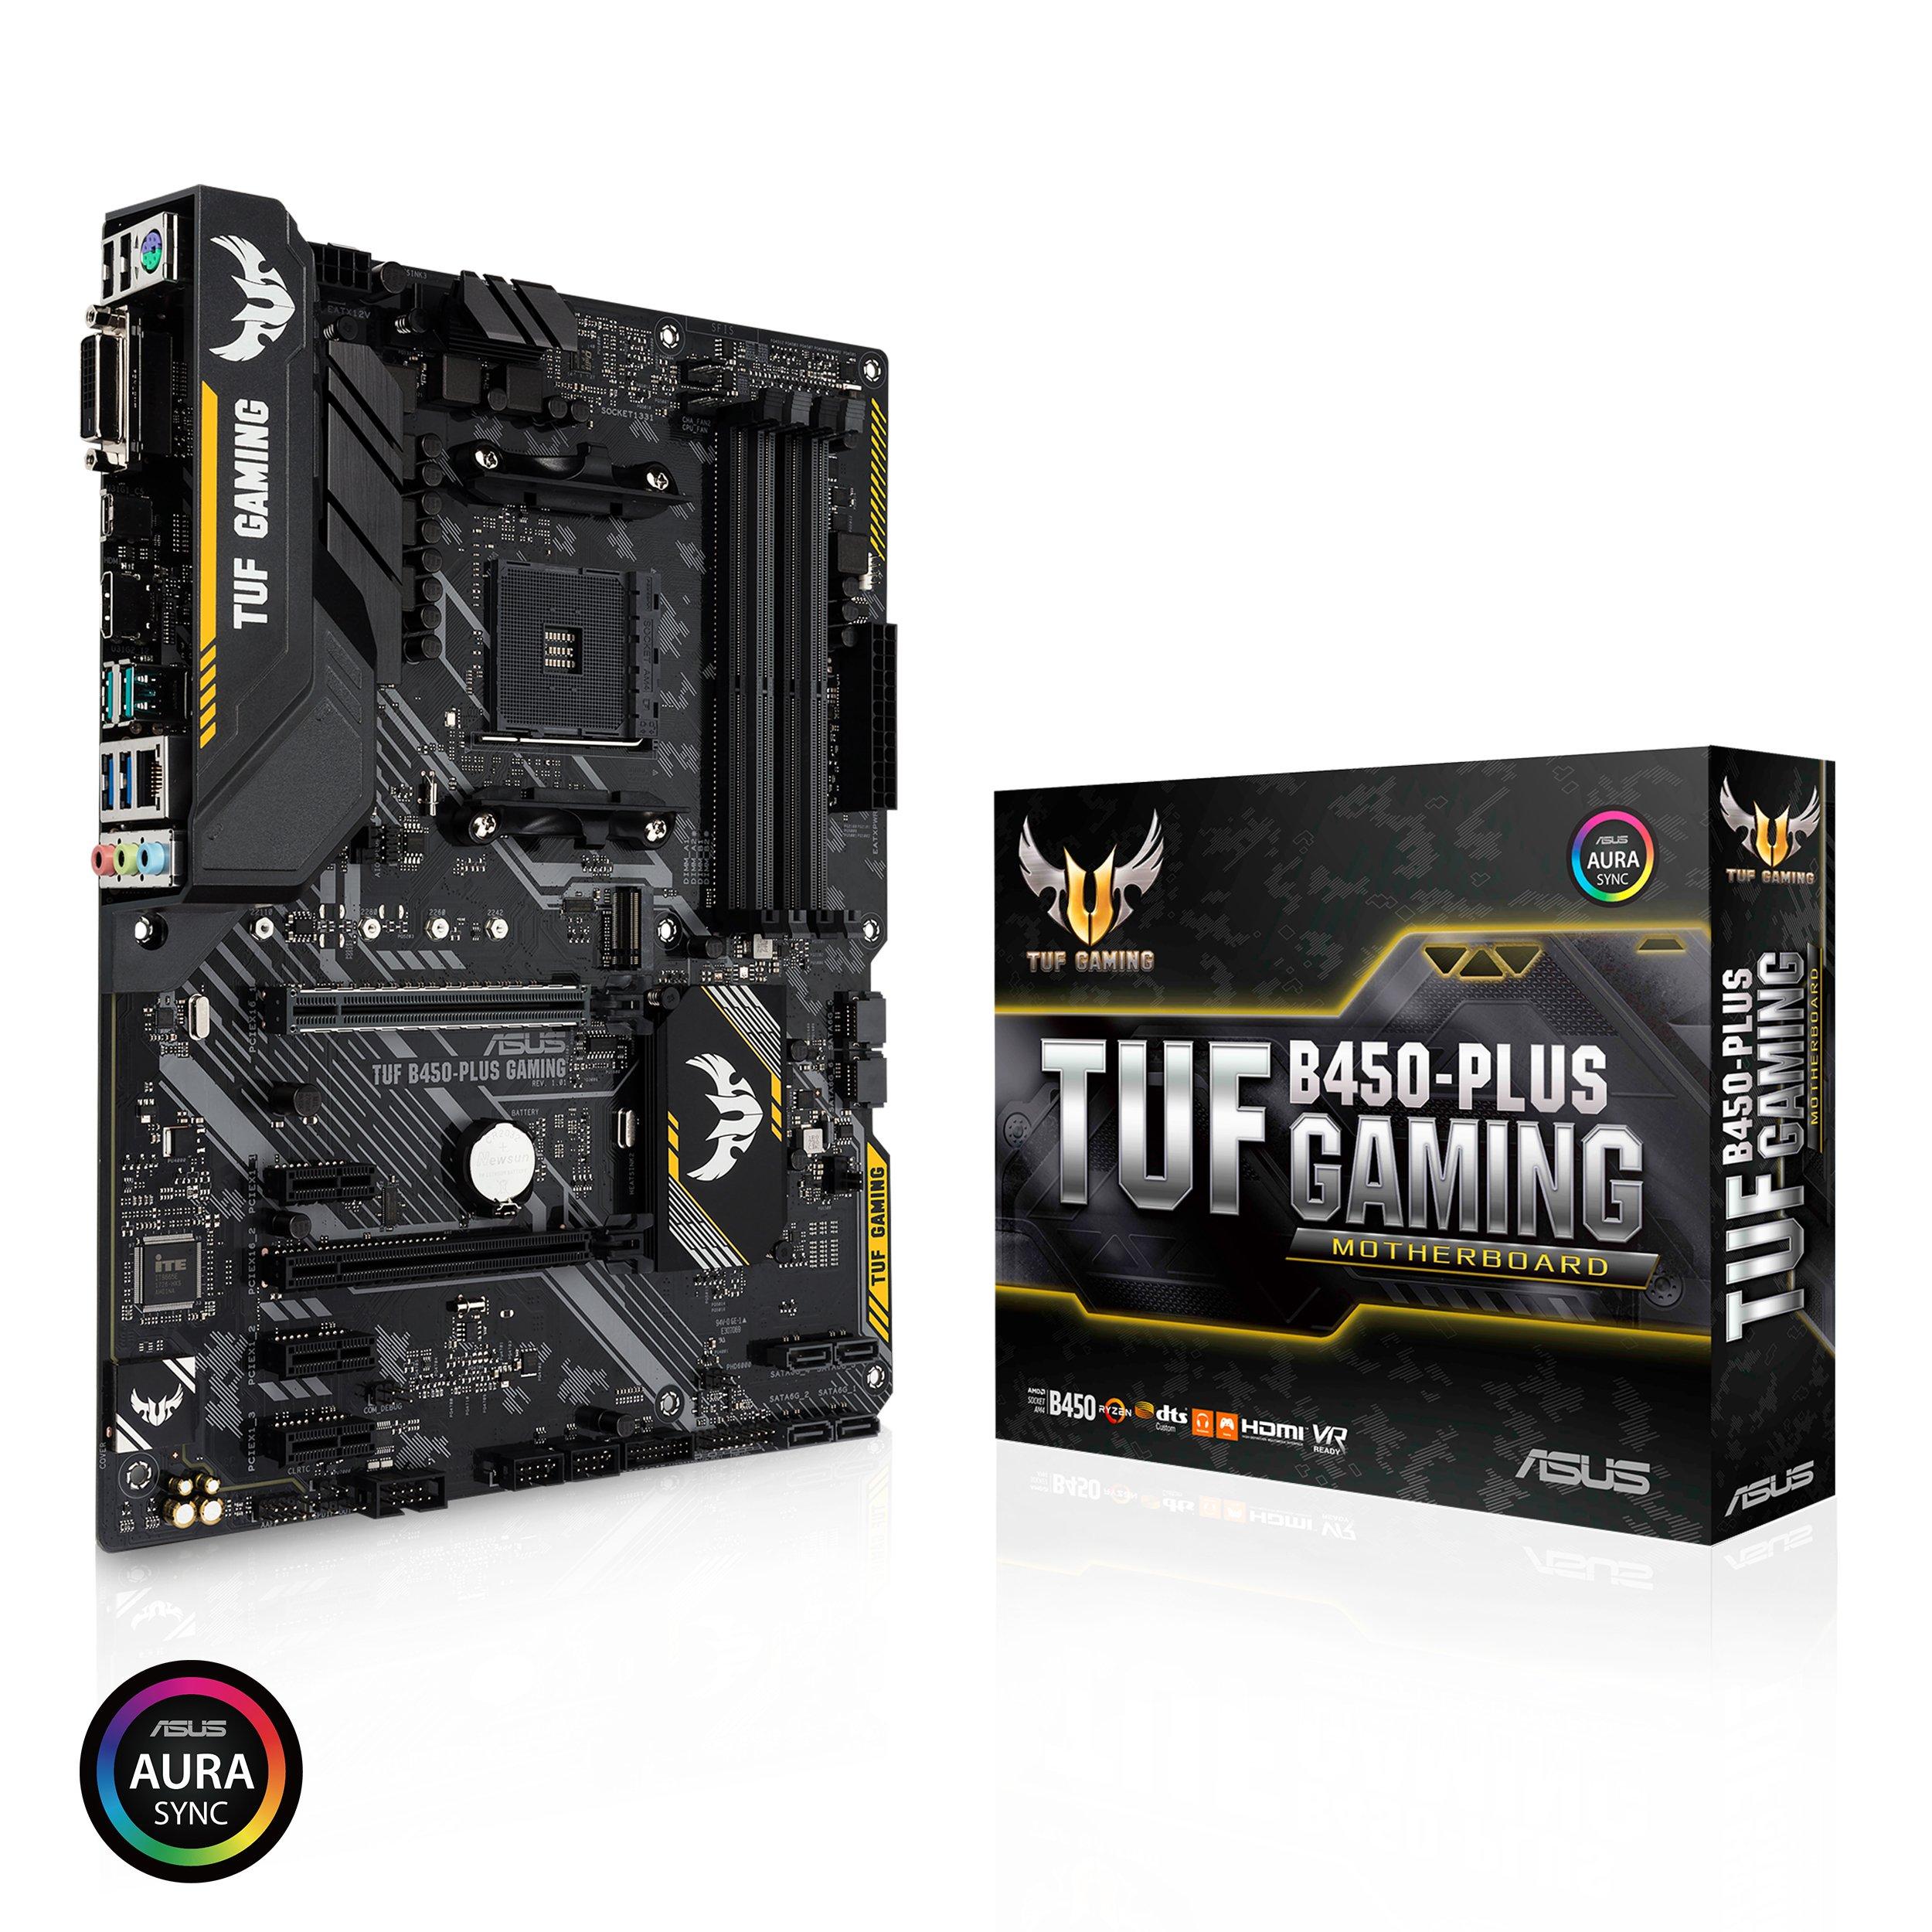 ASUS TUF B450-Plus Gaming Motherboard (ATX) AMD Ryzen 2 AM4 DDR4 HDMI DVI M.2